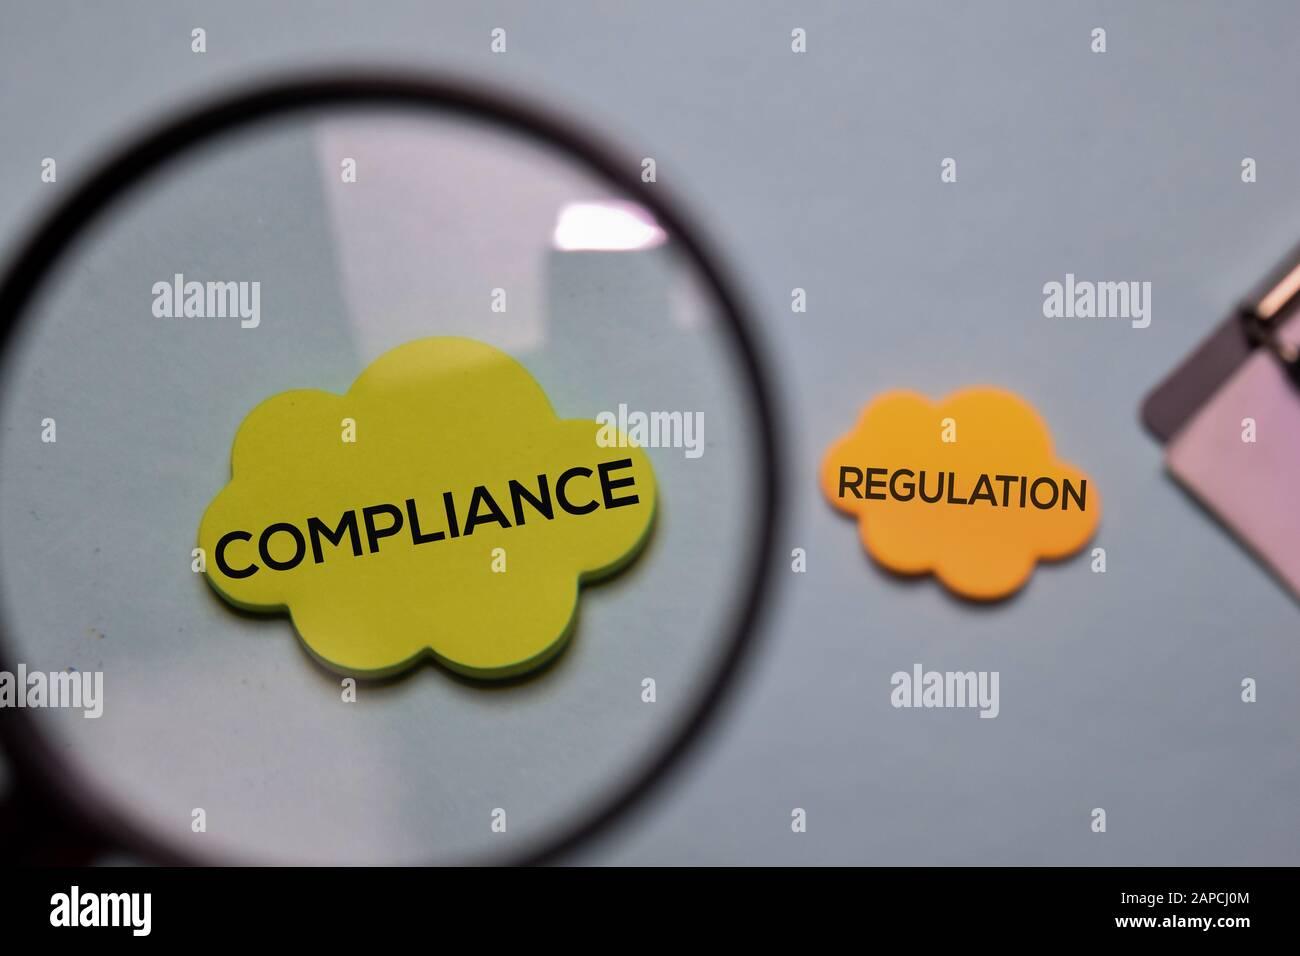 Compliance und Regulierung schreiben Sie auf einen Haftnotiz, der auf dem Schreibtisch isoliert ist. Stockfoto